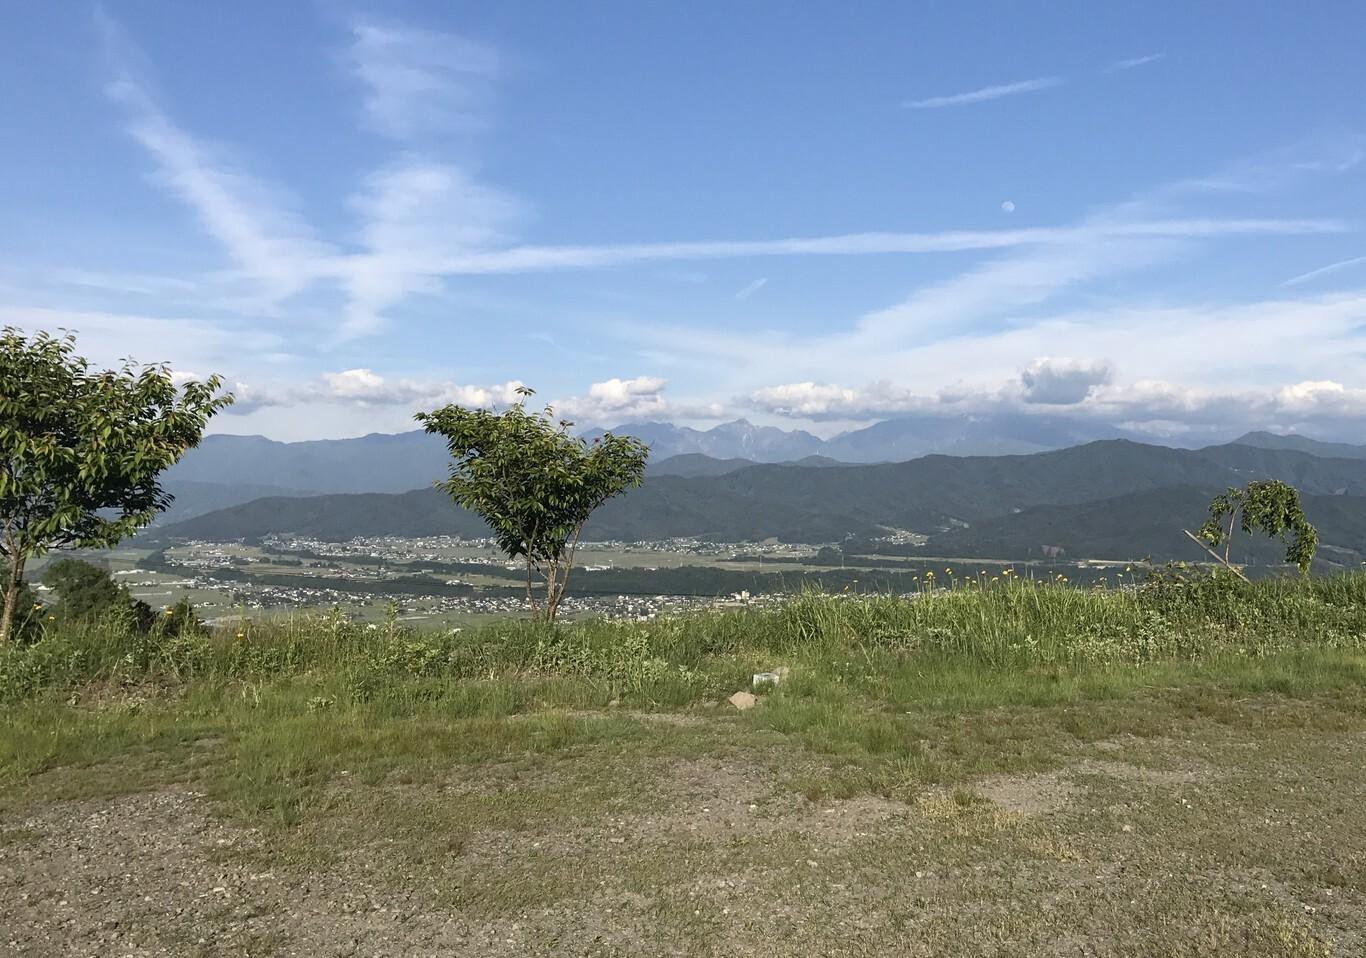 【H30/2 現在キャンプ場営業終了】長野・伊那きのこ王国キャンプ場  の公式写真c9775